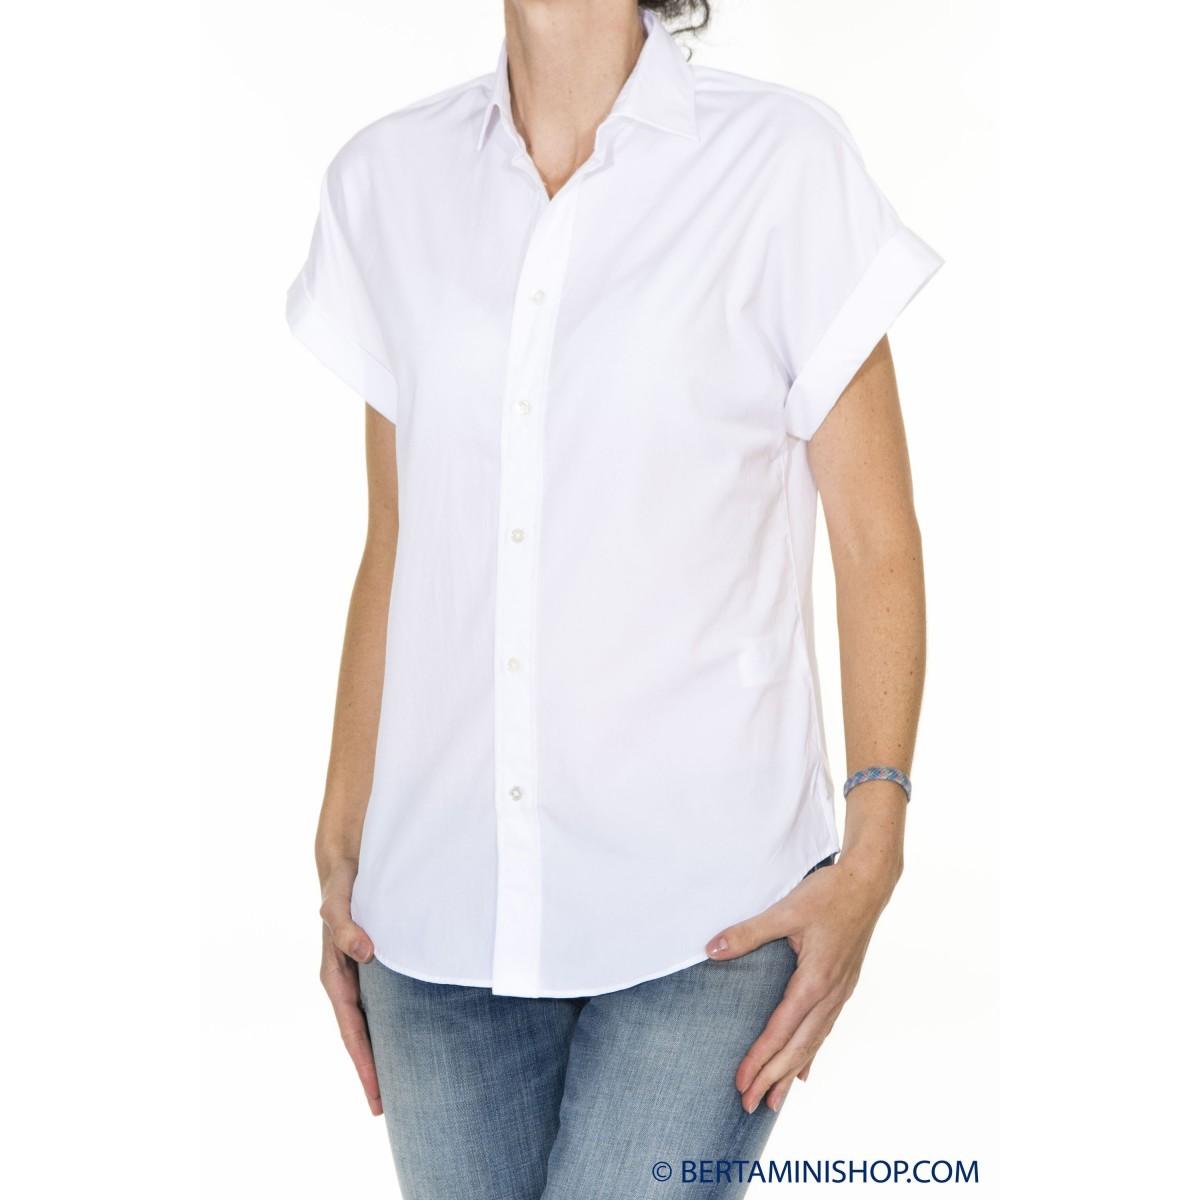 Camicia Ralph Lauren Donna  - V33Ih728Bh728